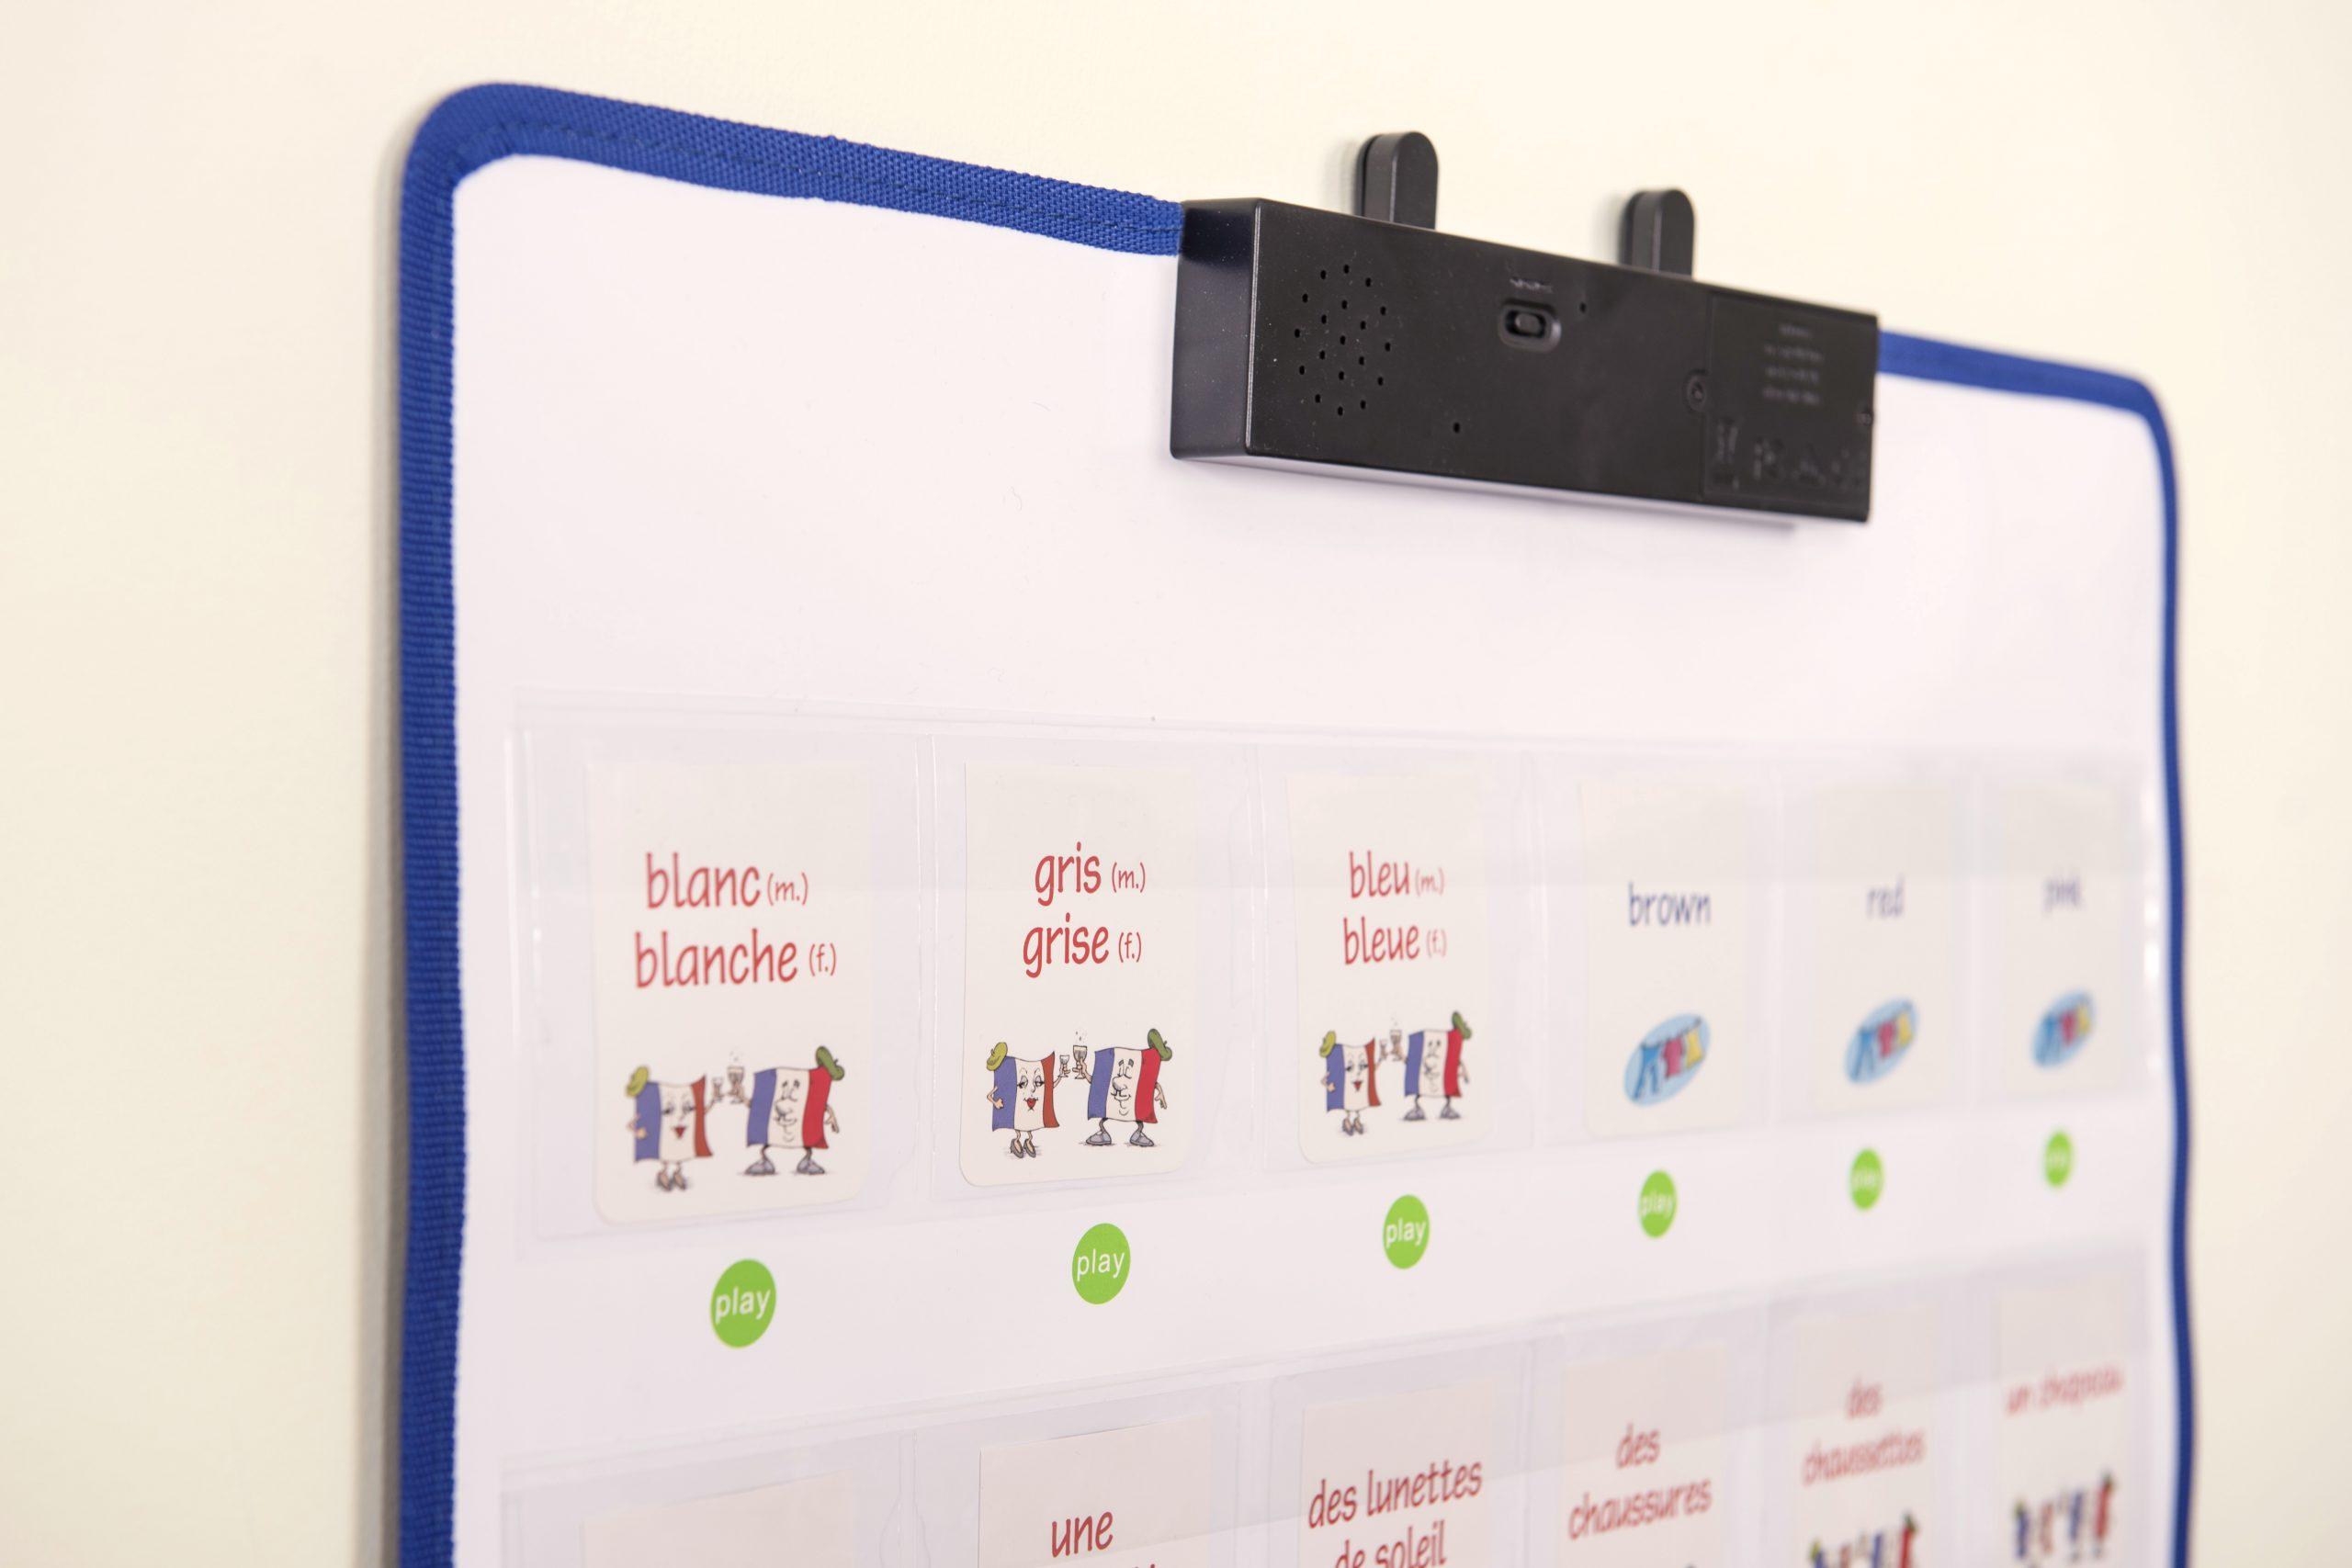 Instructies inspreken met de interactive wall